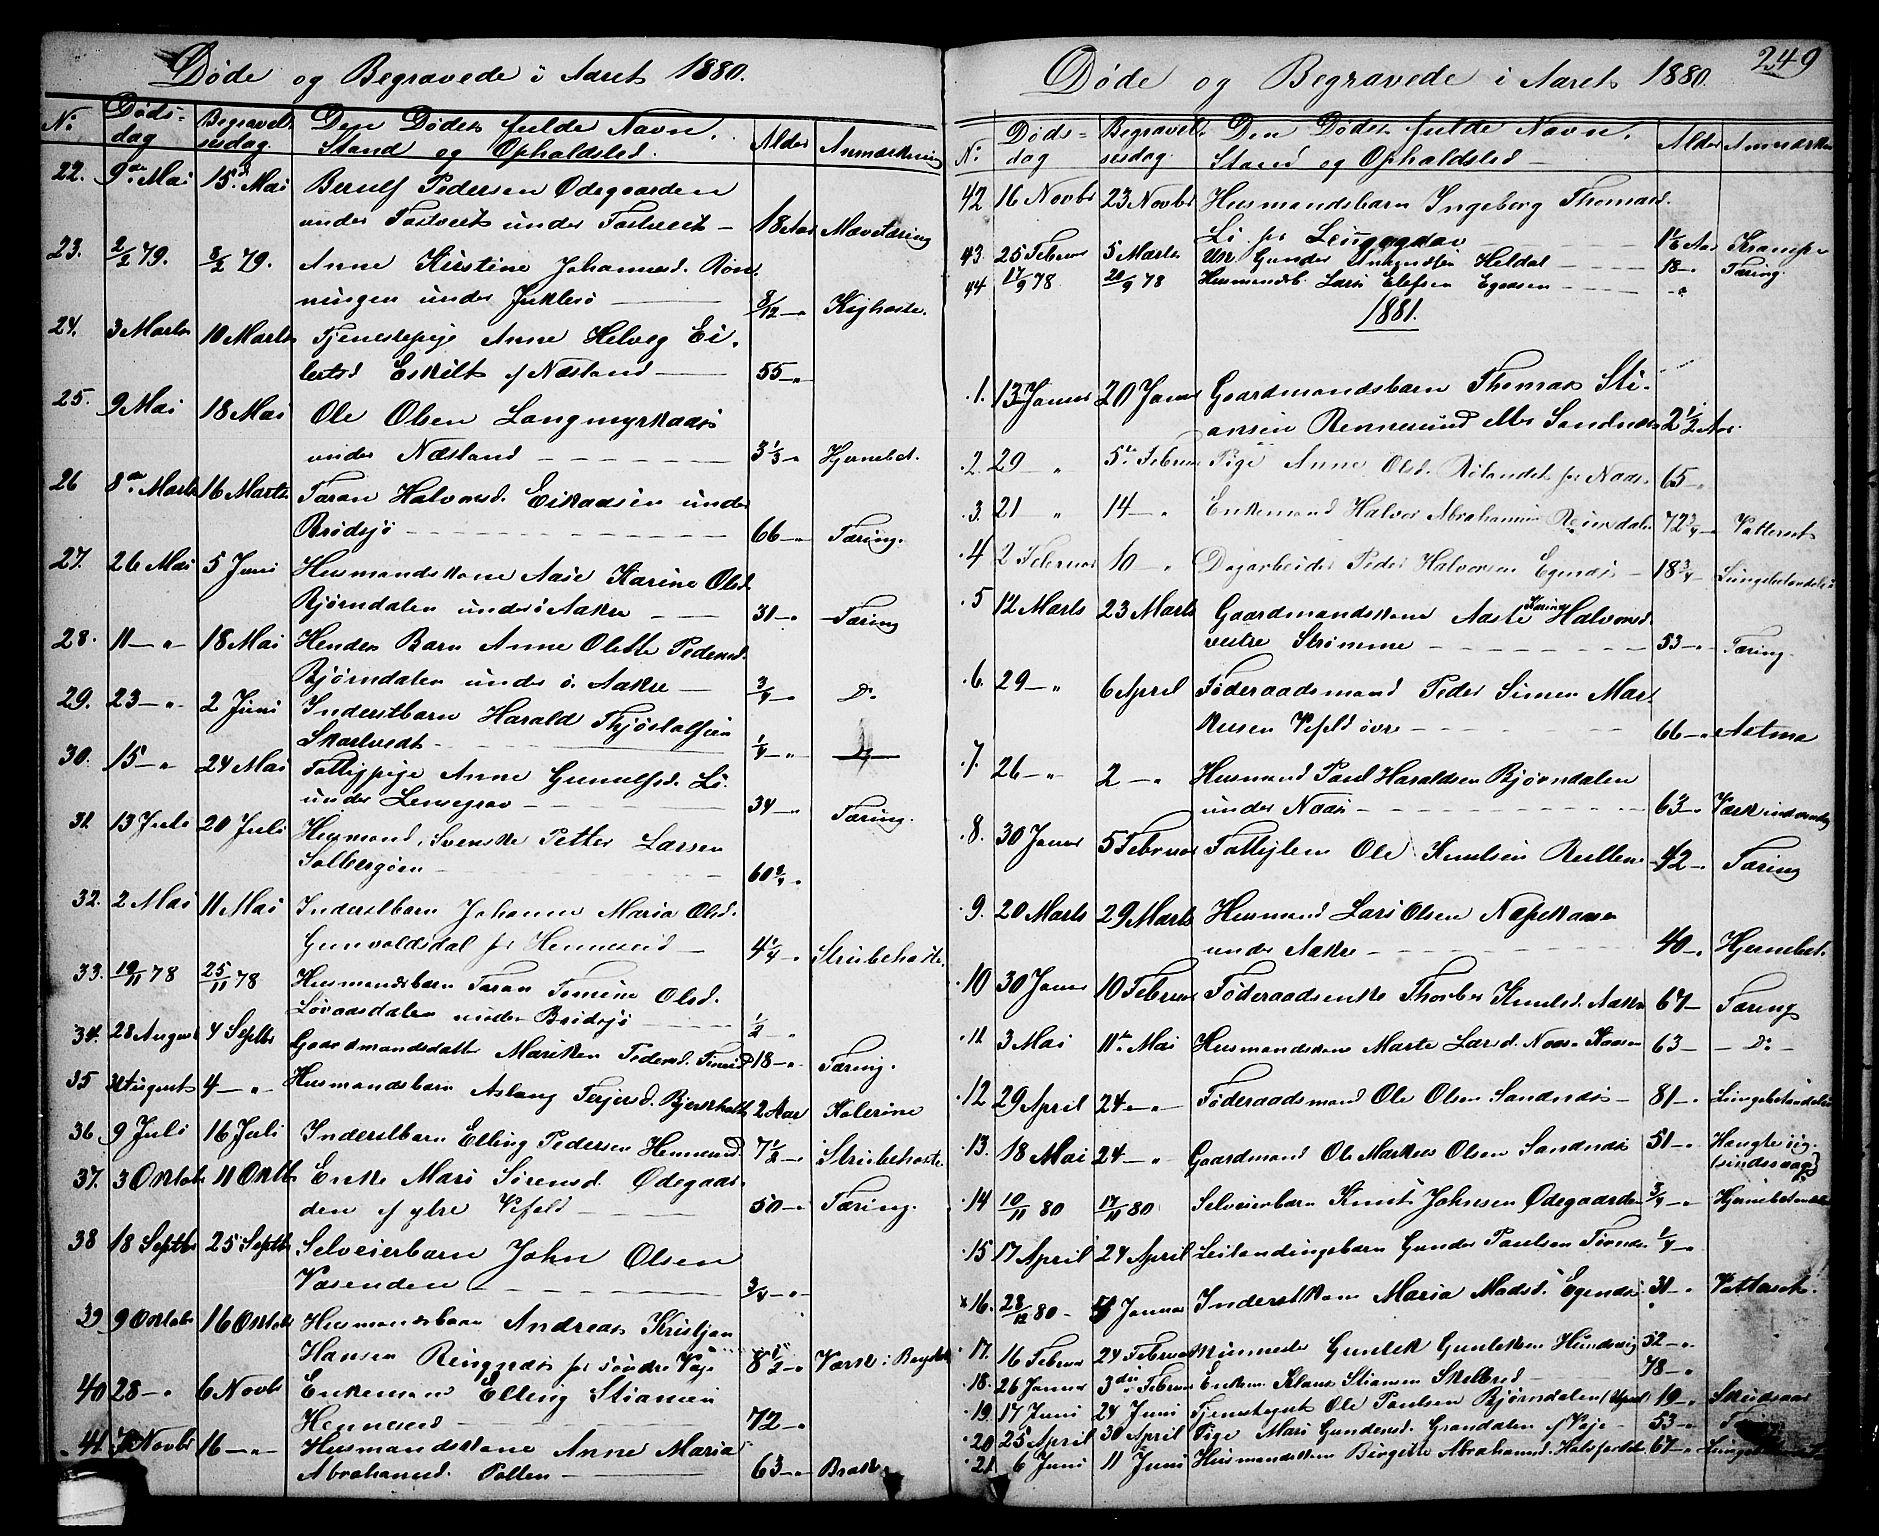 SAKO, Drangedal kirkebøker, G/Ga/L0002: Klokkerbok nr. I 2, 1856-1887, s. 249